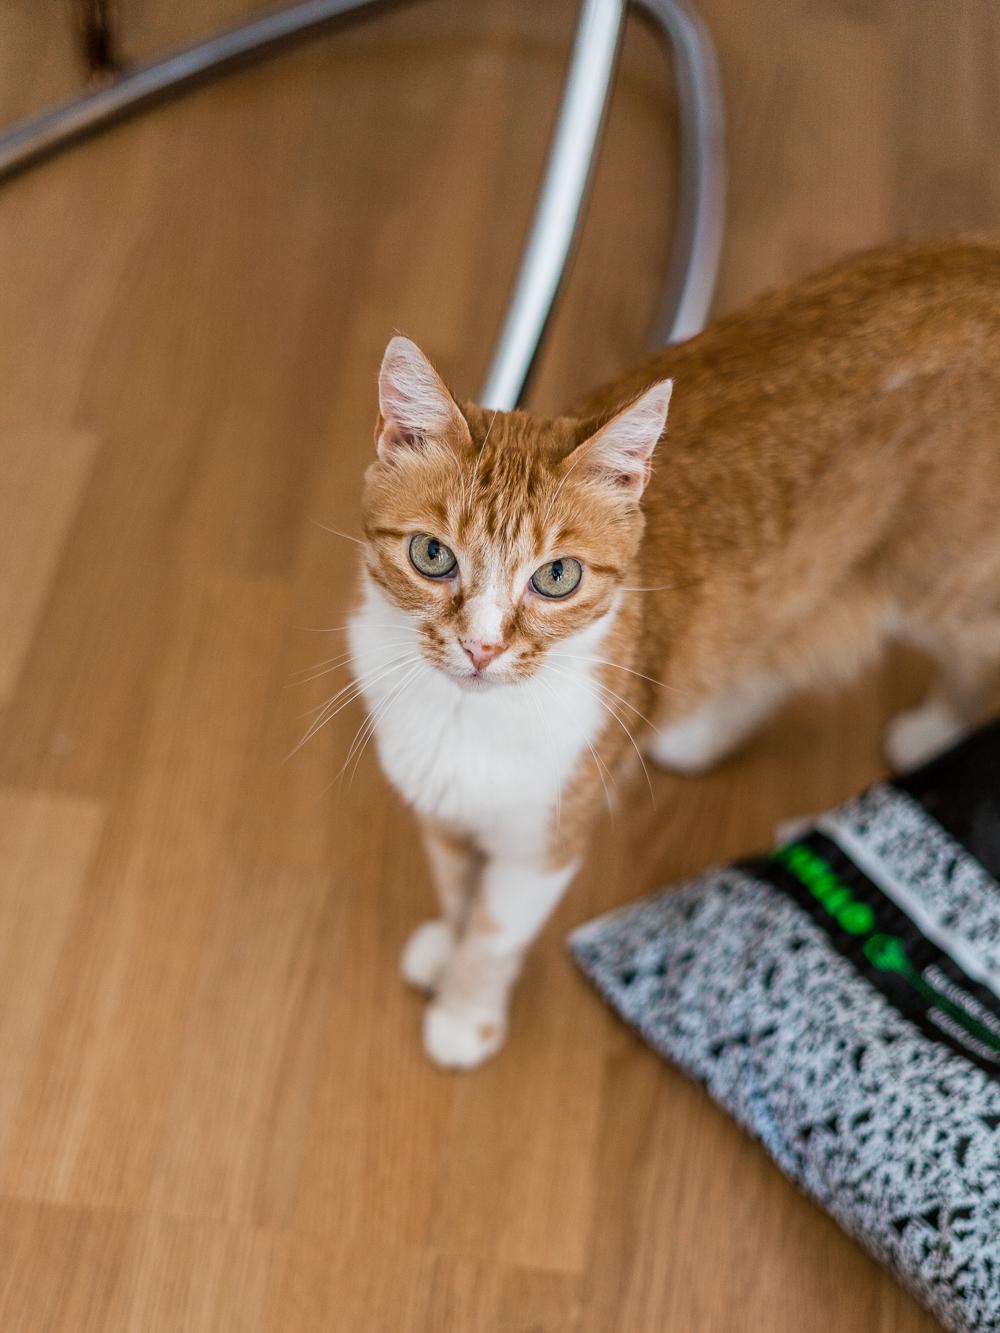 Zusammenleben mit Katzen-Wohnungskatzen-Katzenblog-Lifestyleblog-andysparkles